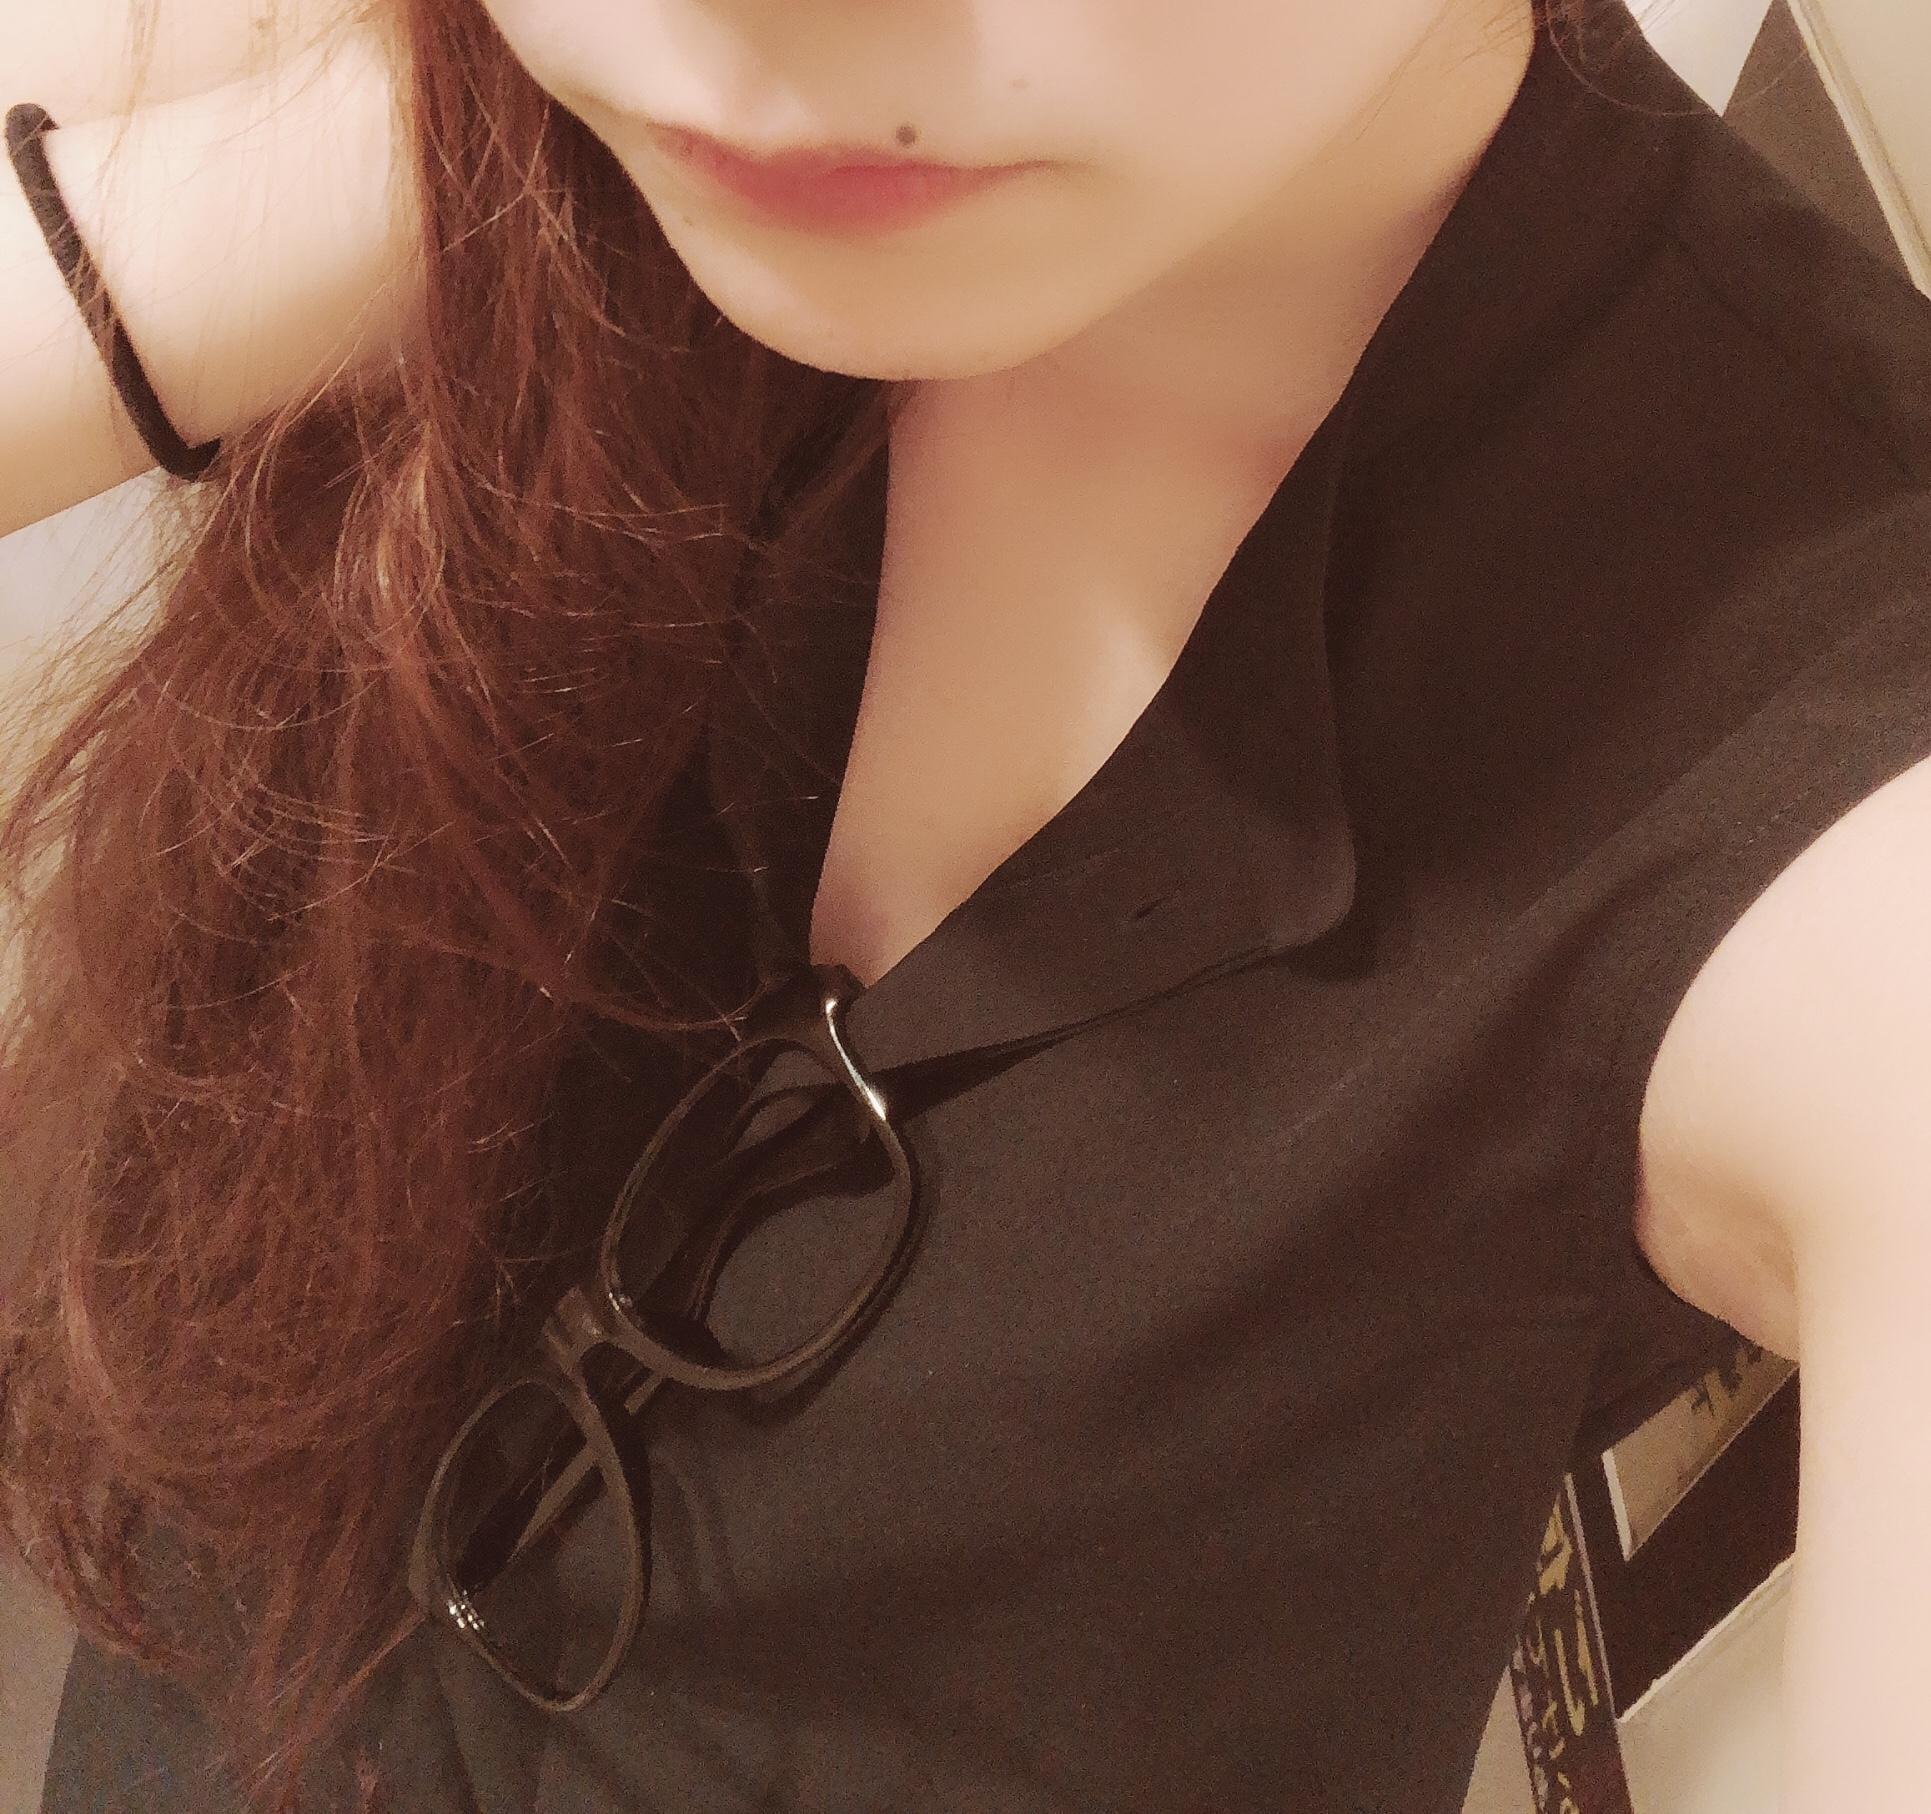 「無題」08/30(08/30) 22:52 | ゆりあの写メ・風俗動画